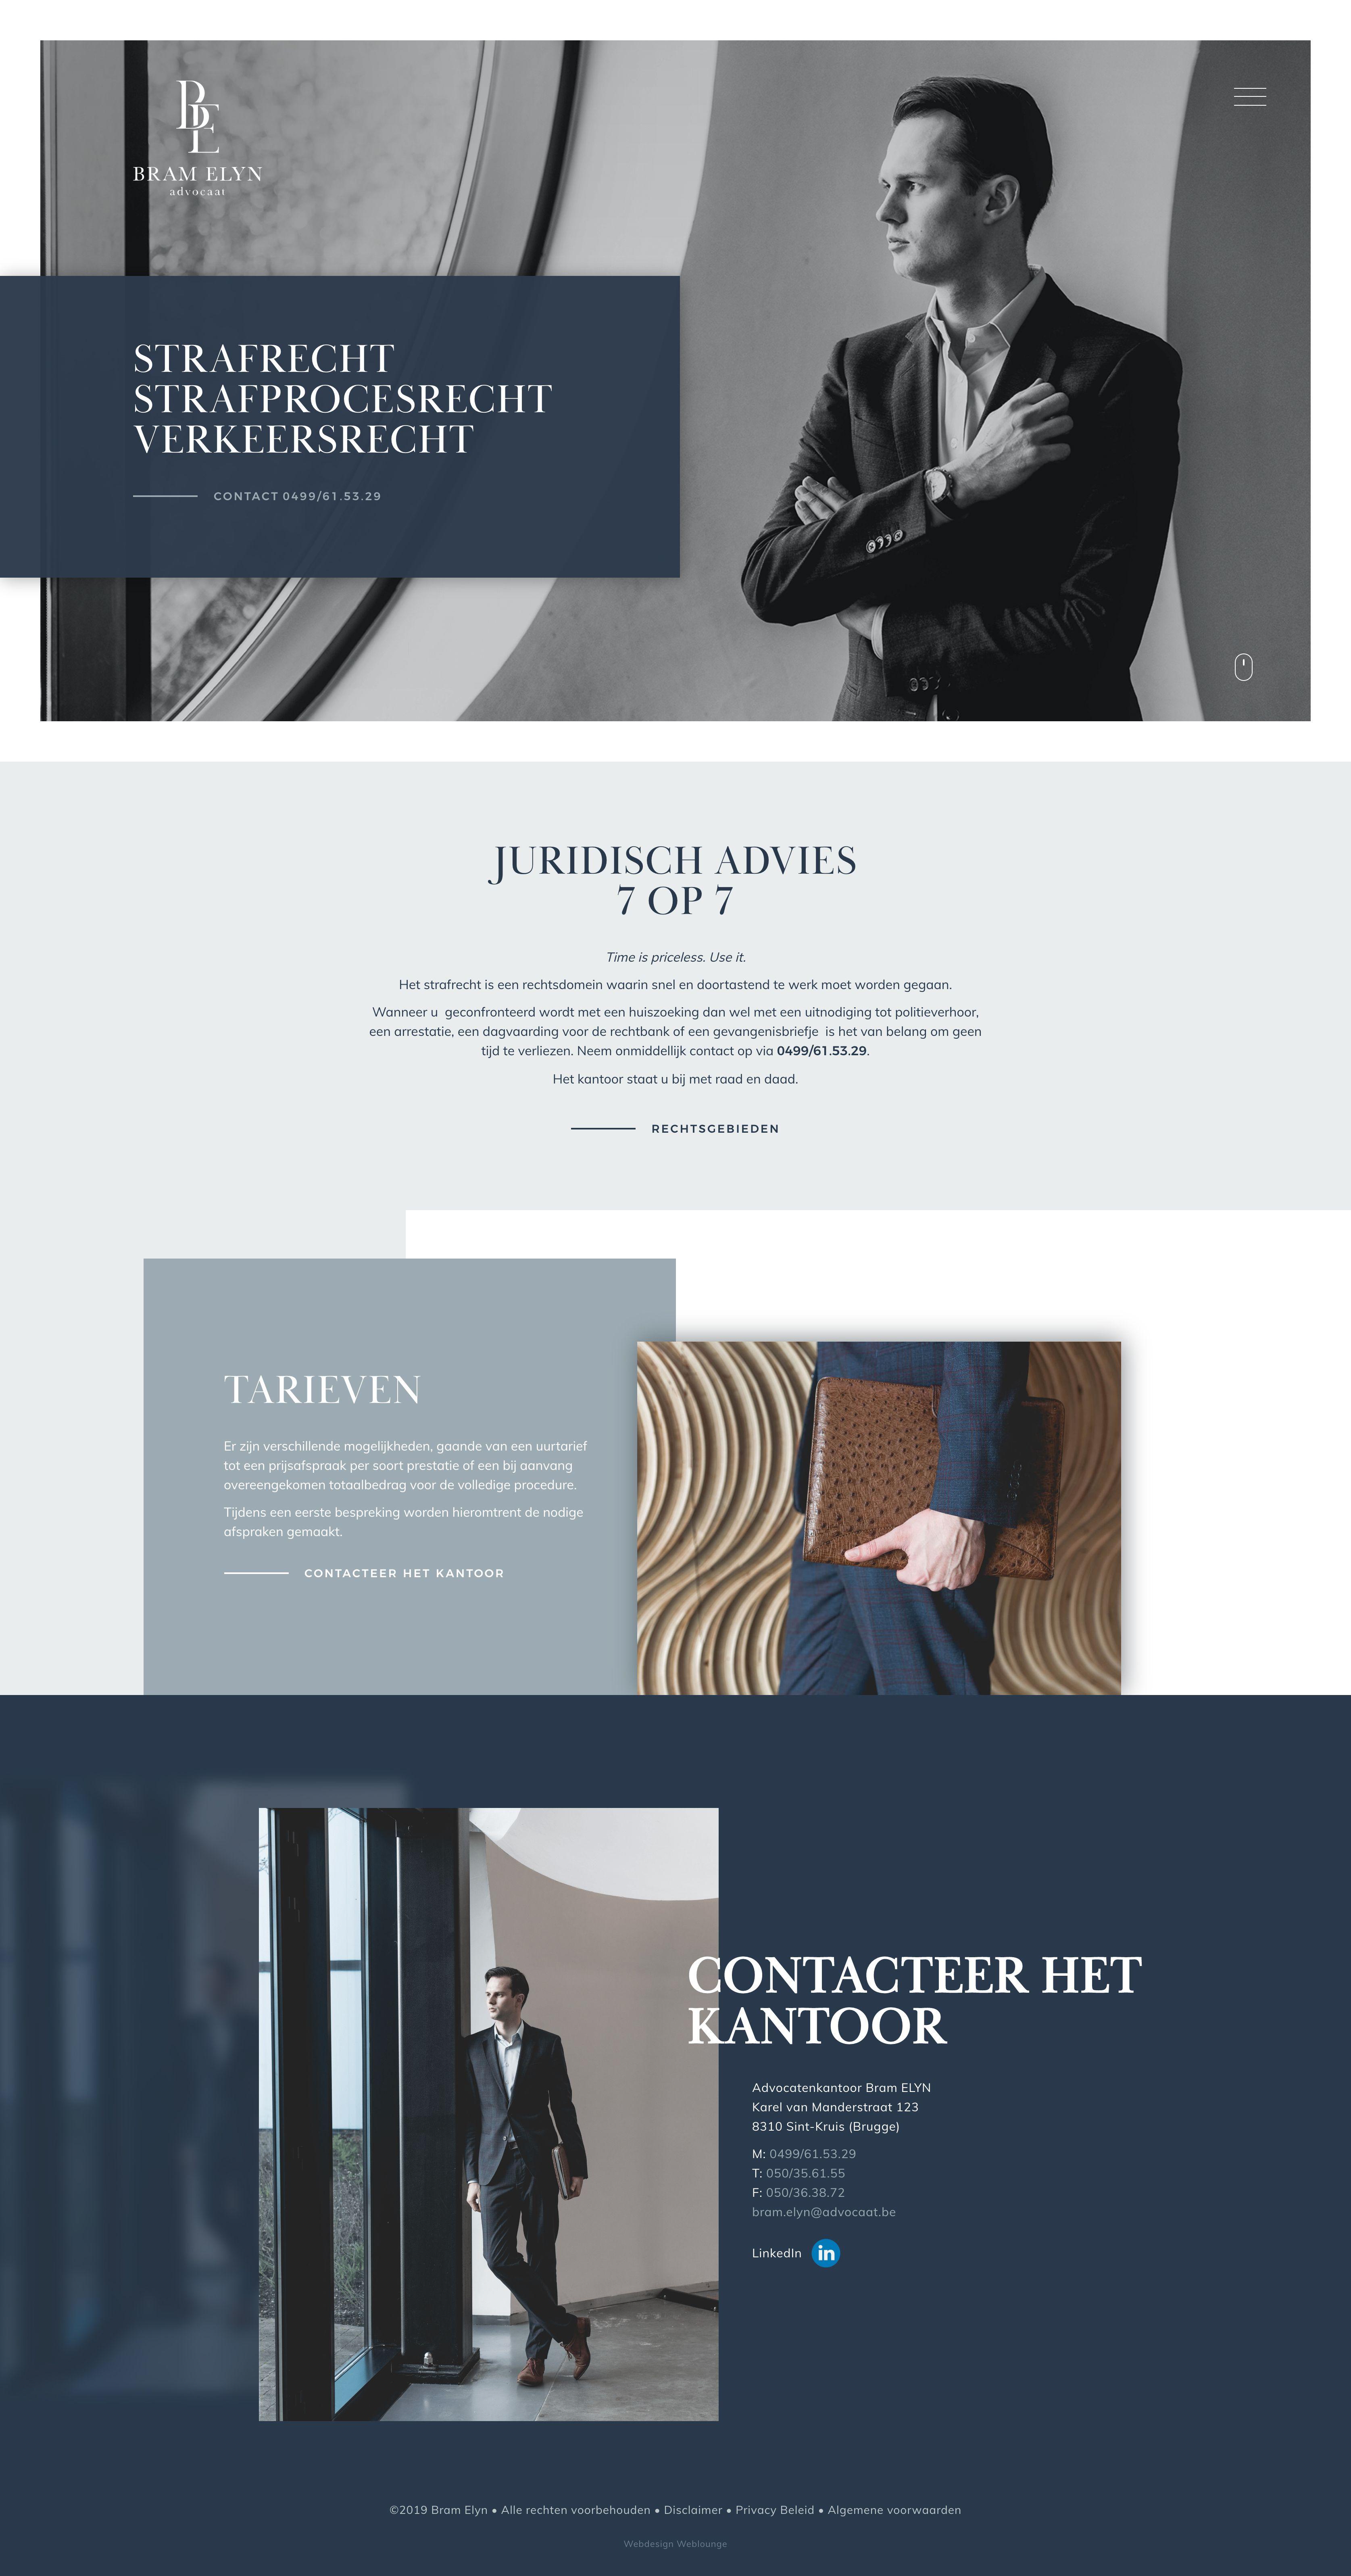 Law Firm Elyn In Bruges Webdesign Weblounge Corporate Website